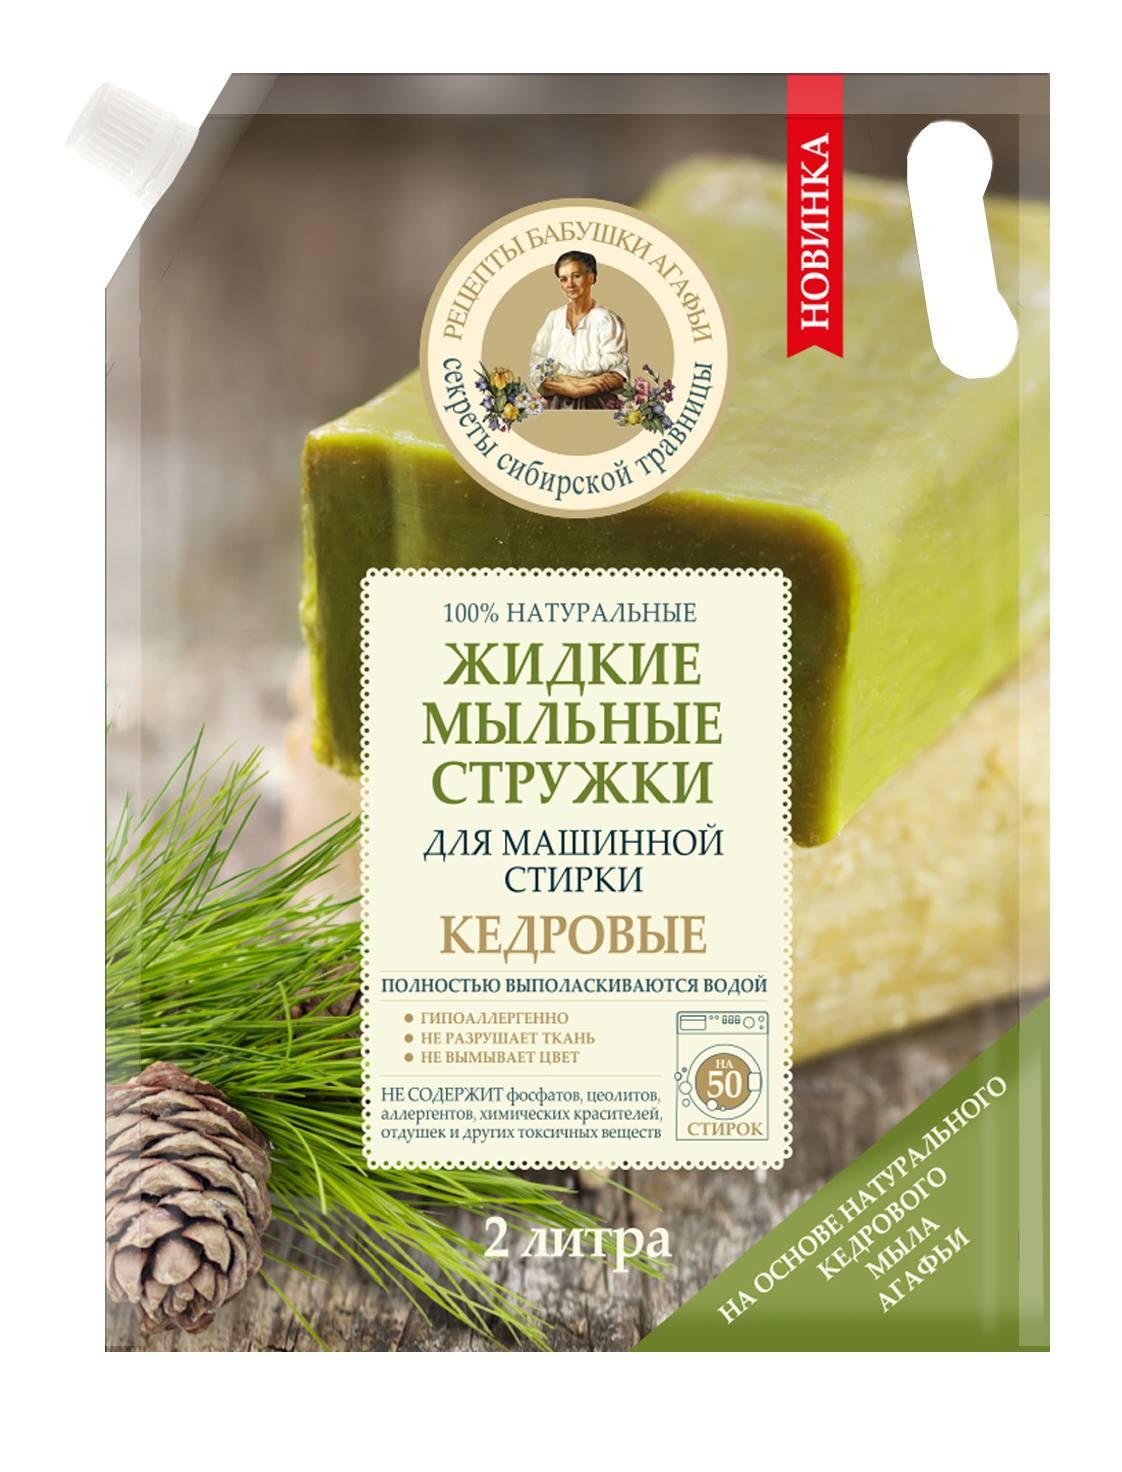 Купить Рецепты бабушки Агафьи Стружки жидкие мыльные 100% натуральные Кедровые для машинной стирки, 2000 мл, РЕЦЕПТЫ БАБУШКИ АГАФЬИ (shop: Organic-shops Organic shops)